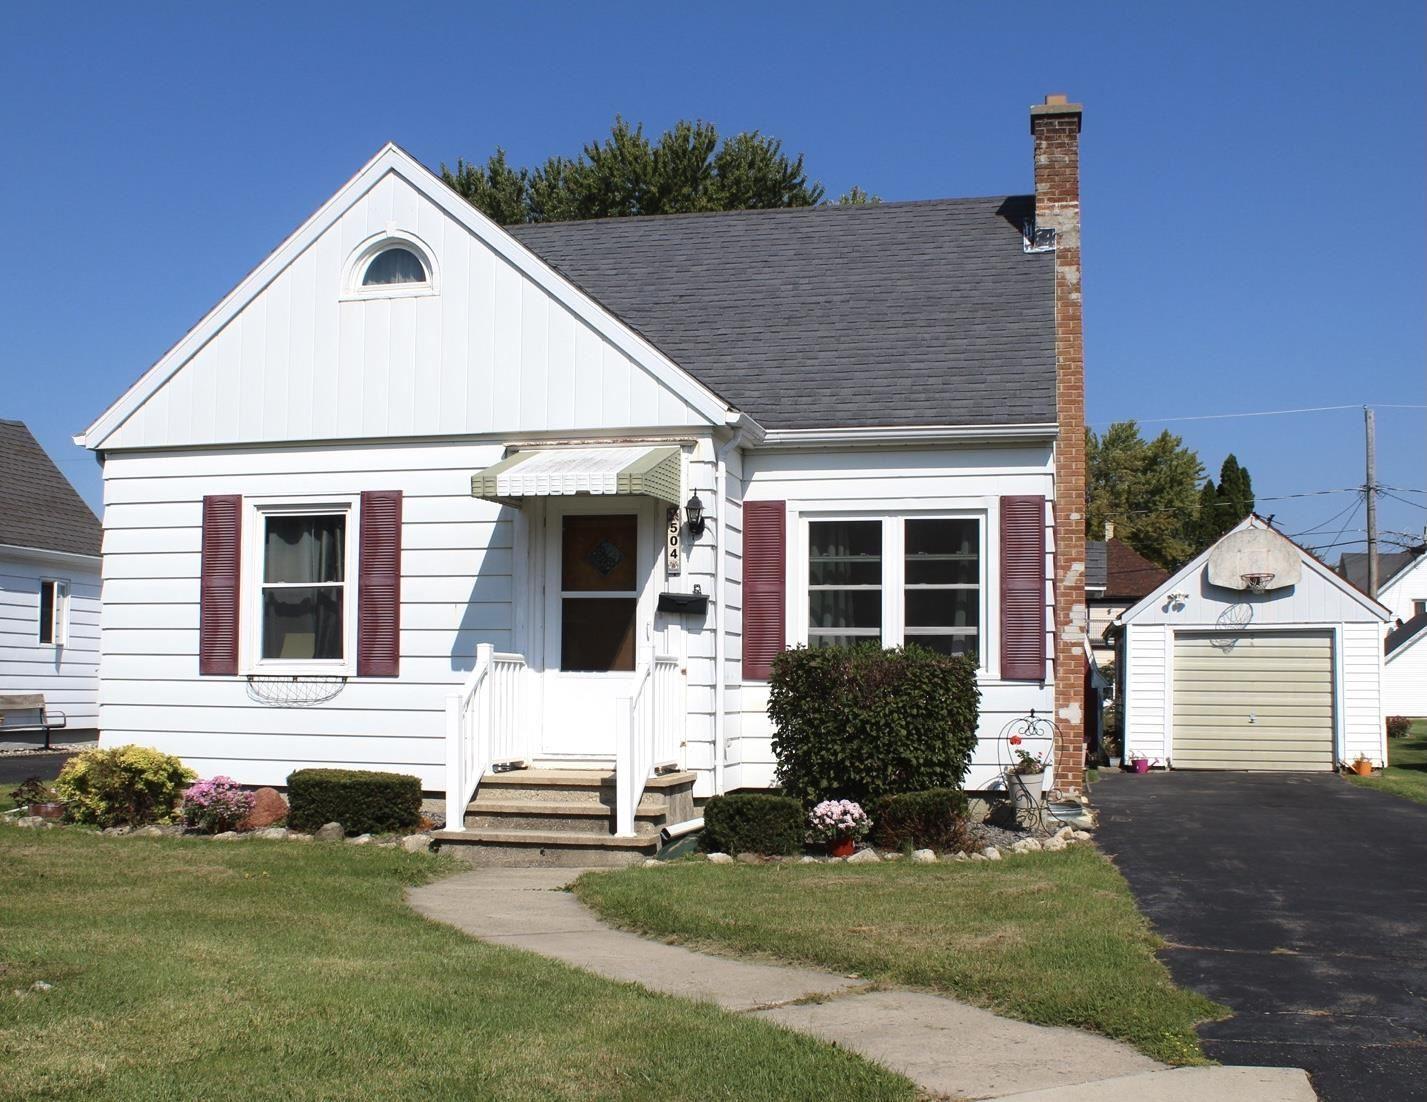 504 W Jefferson St, Waupun, WI 53963 - #: 1920108